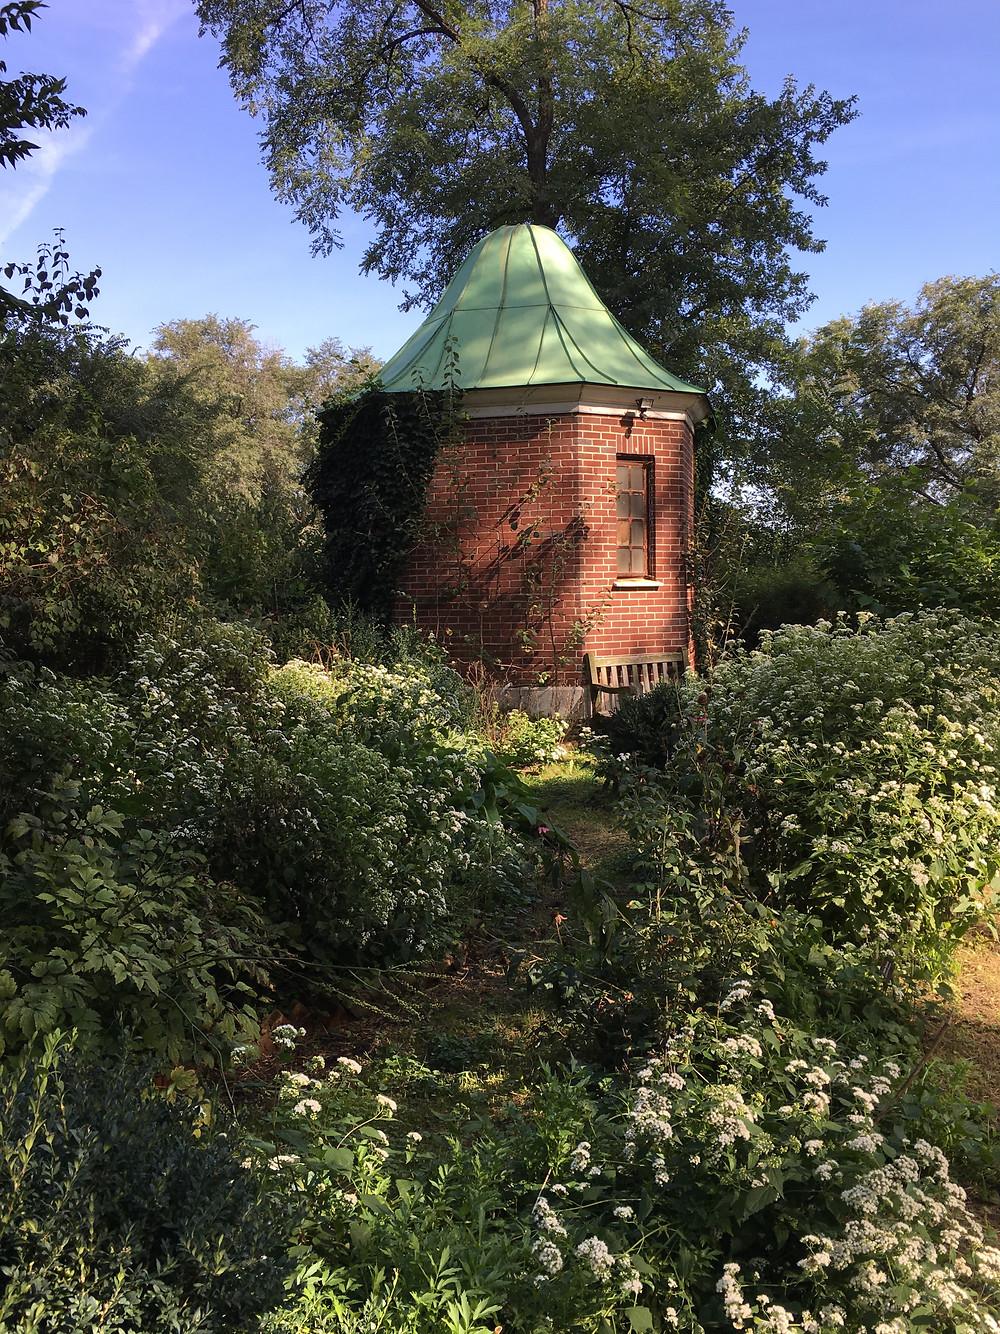 The romantic sunken garden at Roger Morris Park